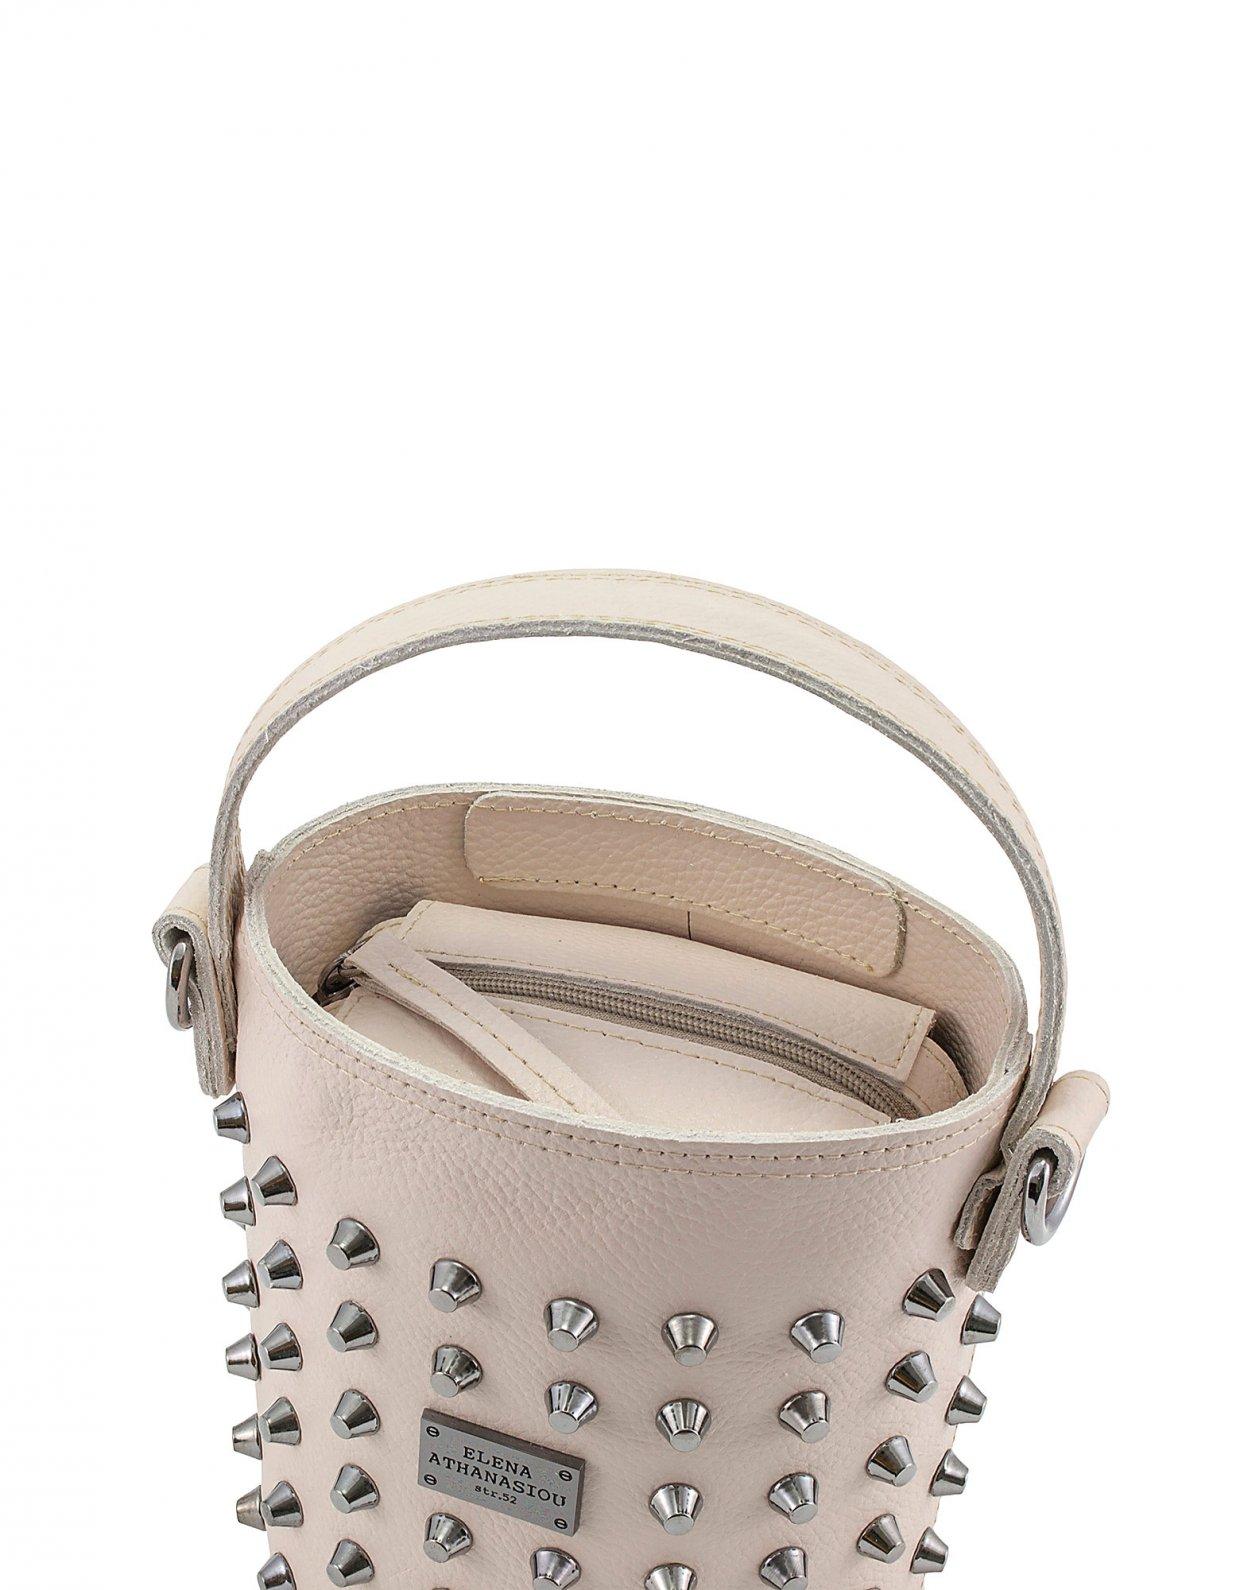 Elena Athanasiou Basket bag small nude